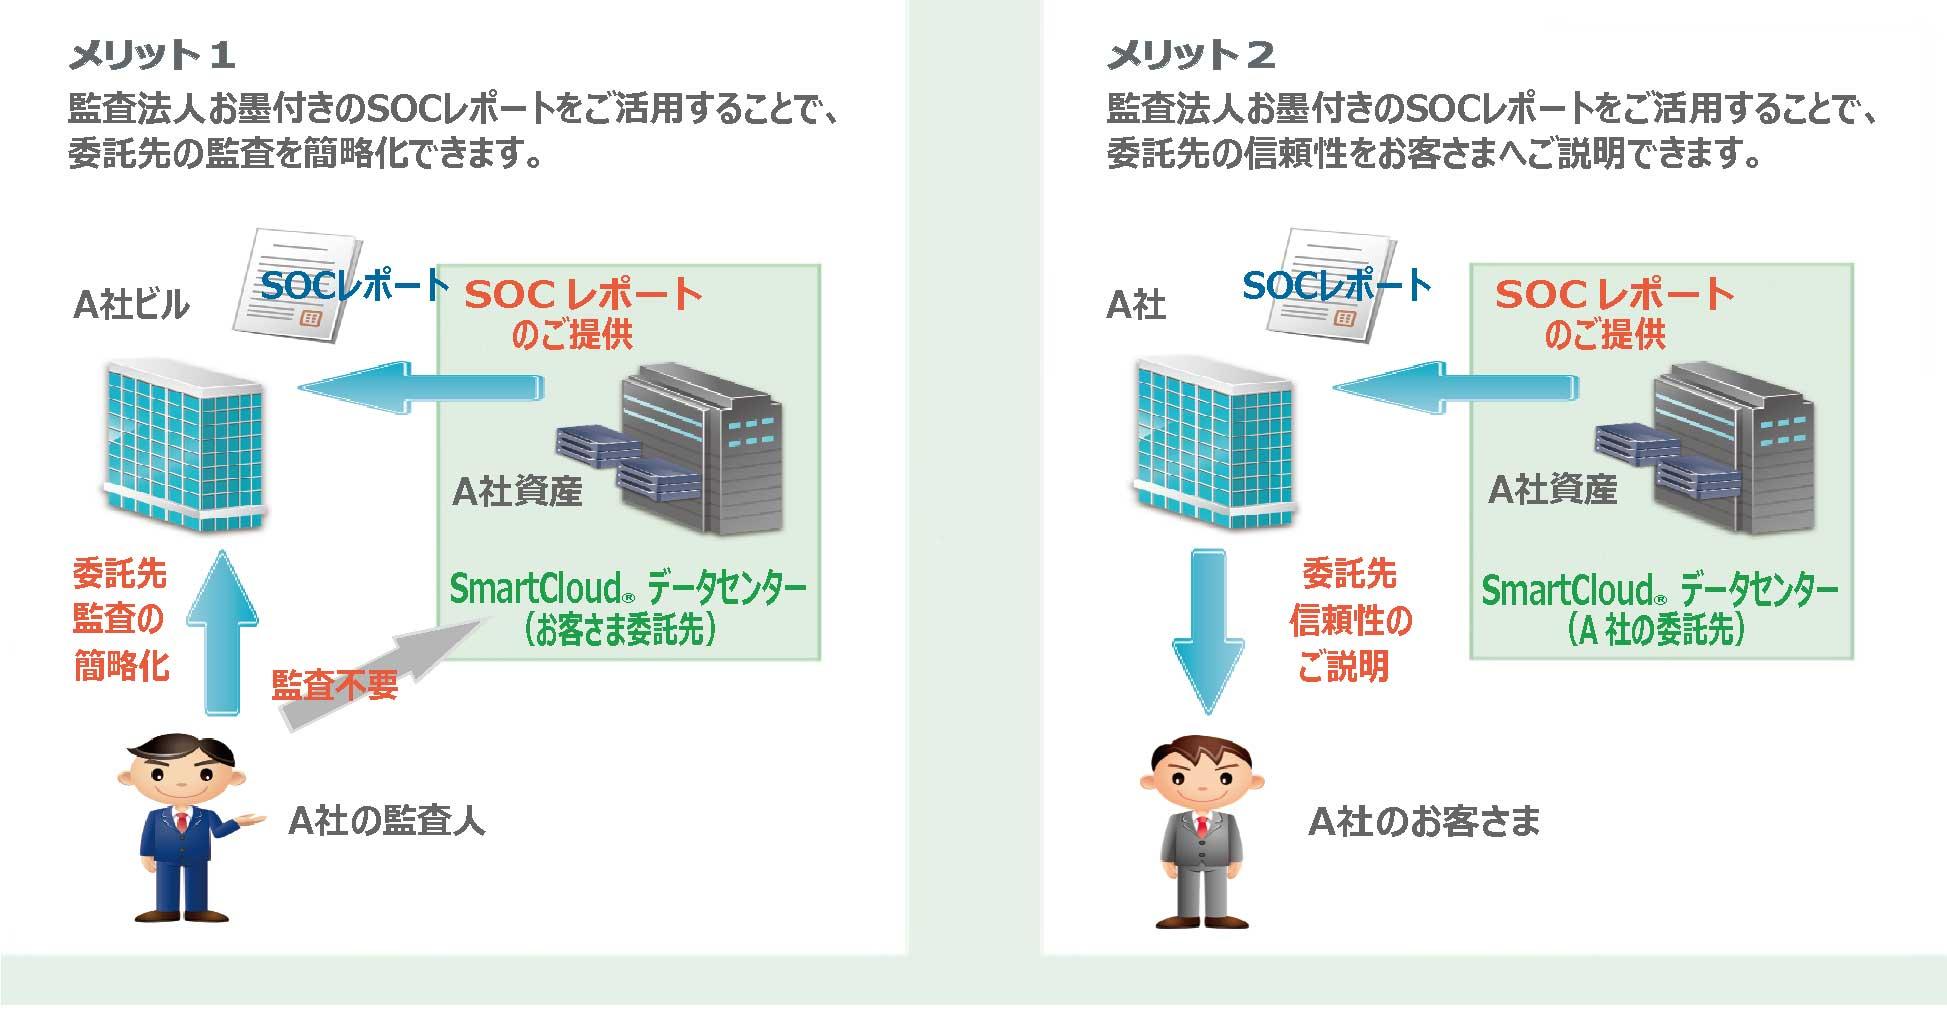 case_im_04.jpg